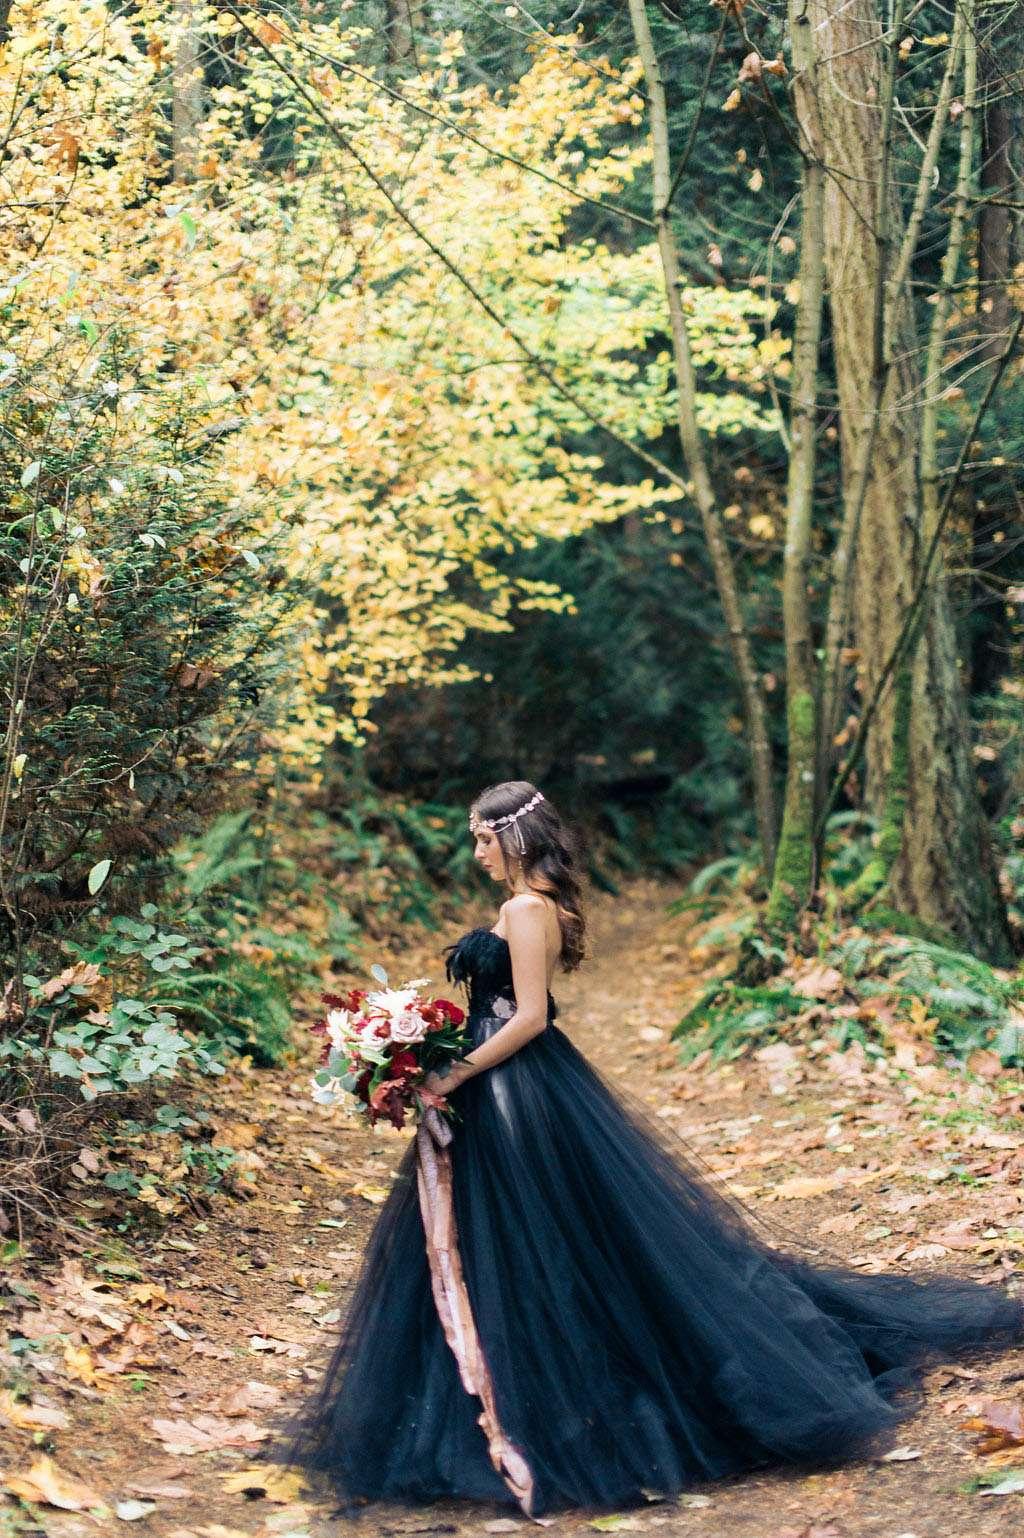 Black Dress Wedding 86 Fresh Woodland Nymph in a